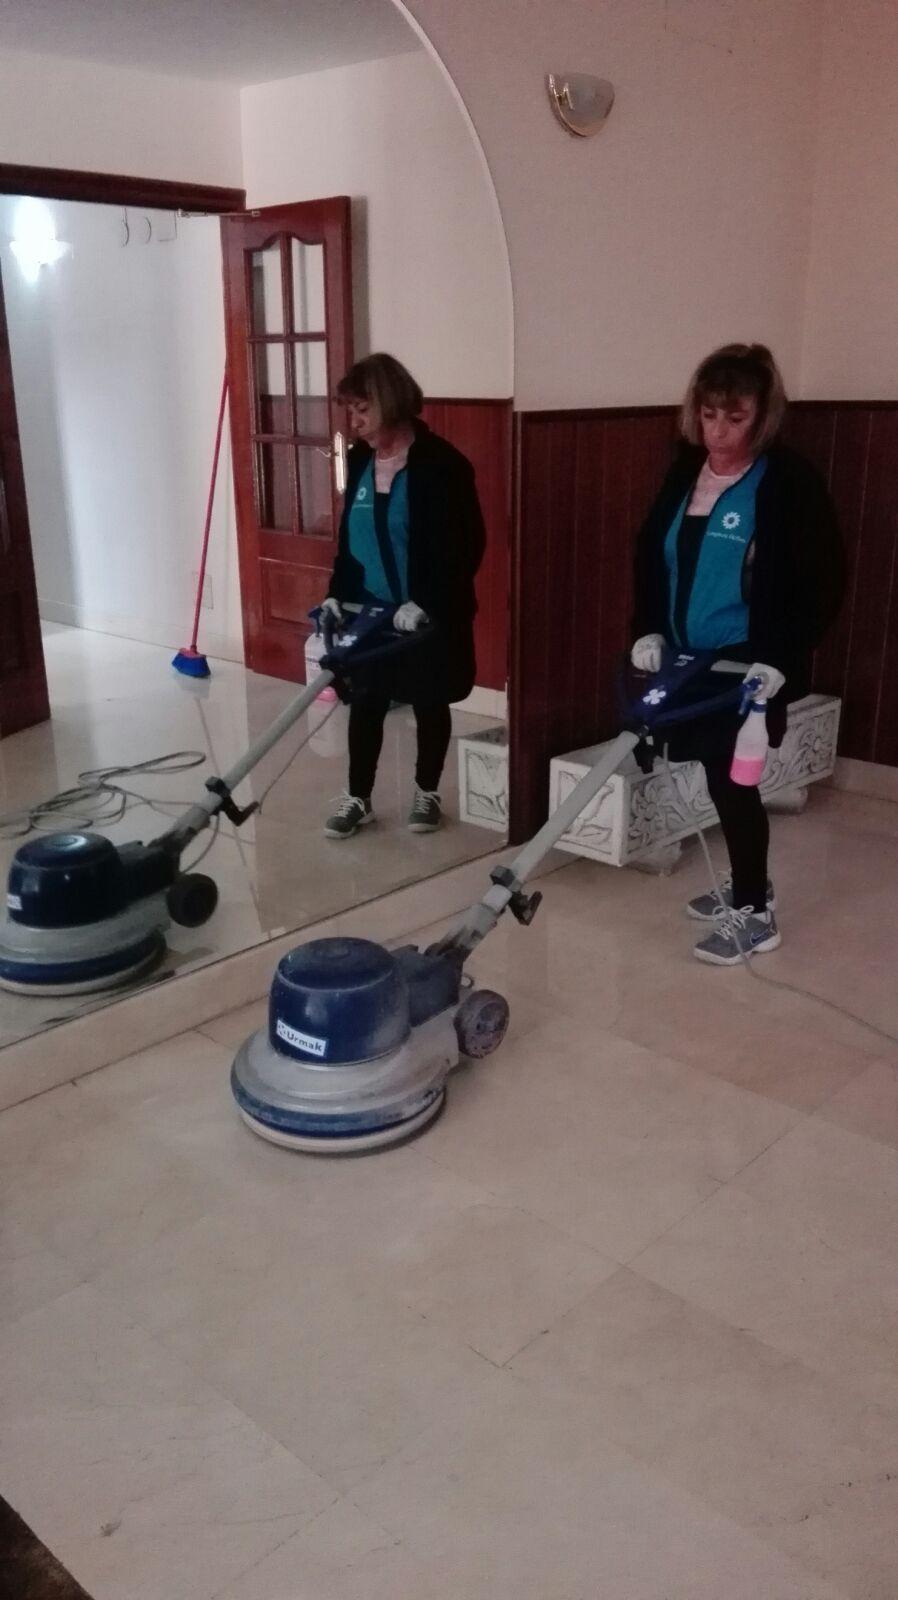 servicio-de-limpieza-en-vitoria-gasteiz-de-oficinas-suelos-mantenimiento-de-mercados-y-supermercados-portales-con-precios-baratos-para-empresas